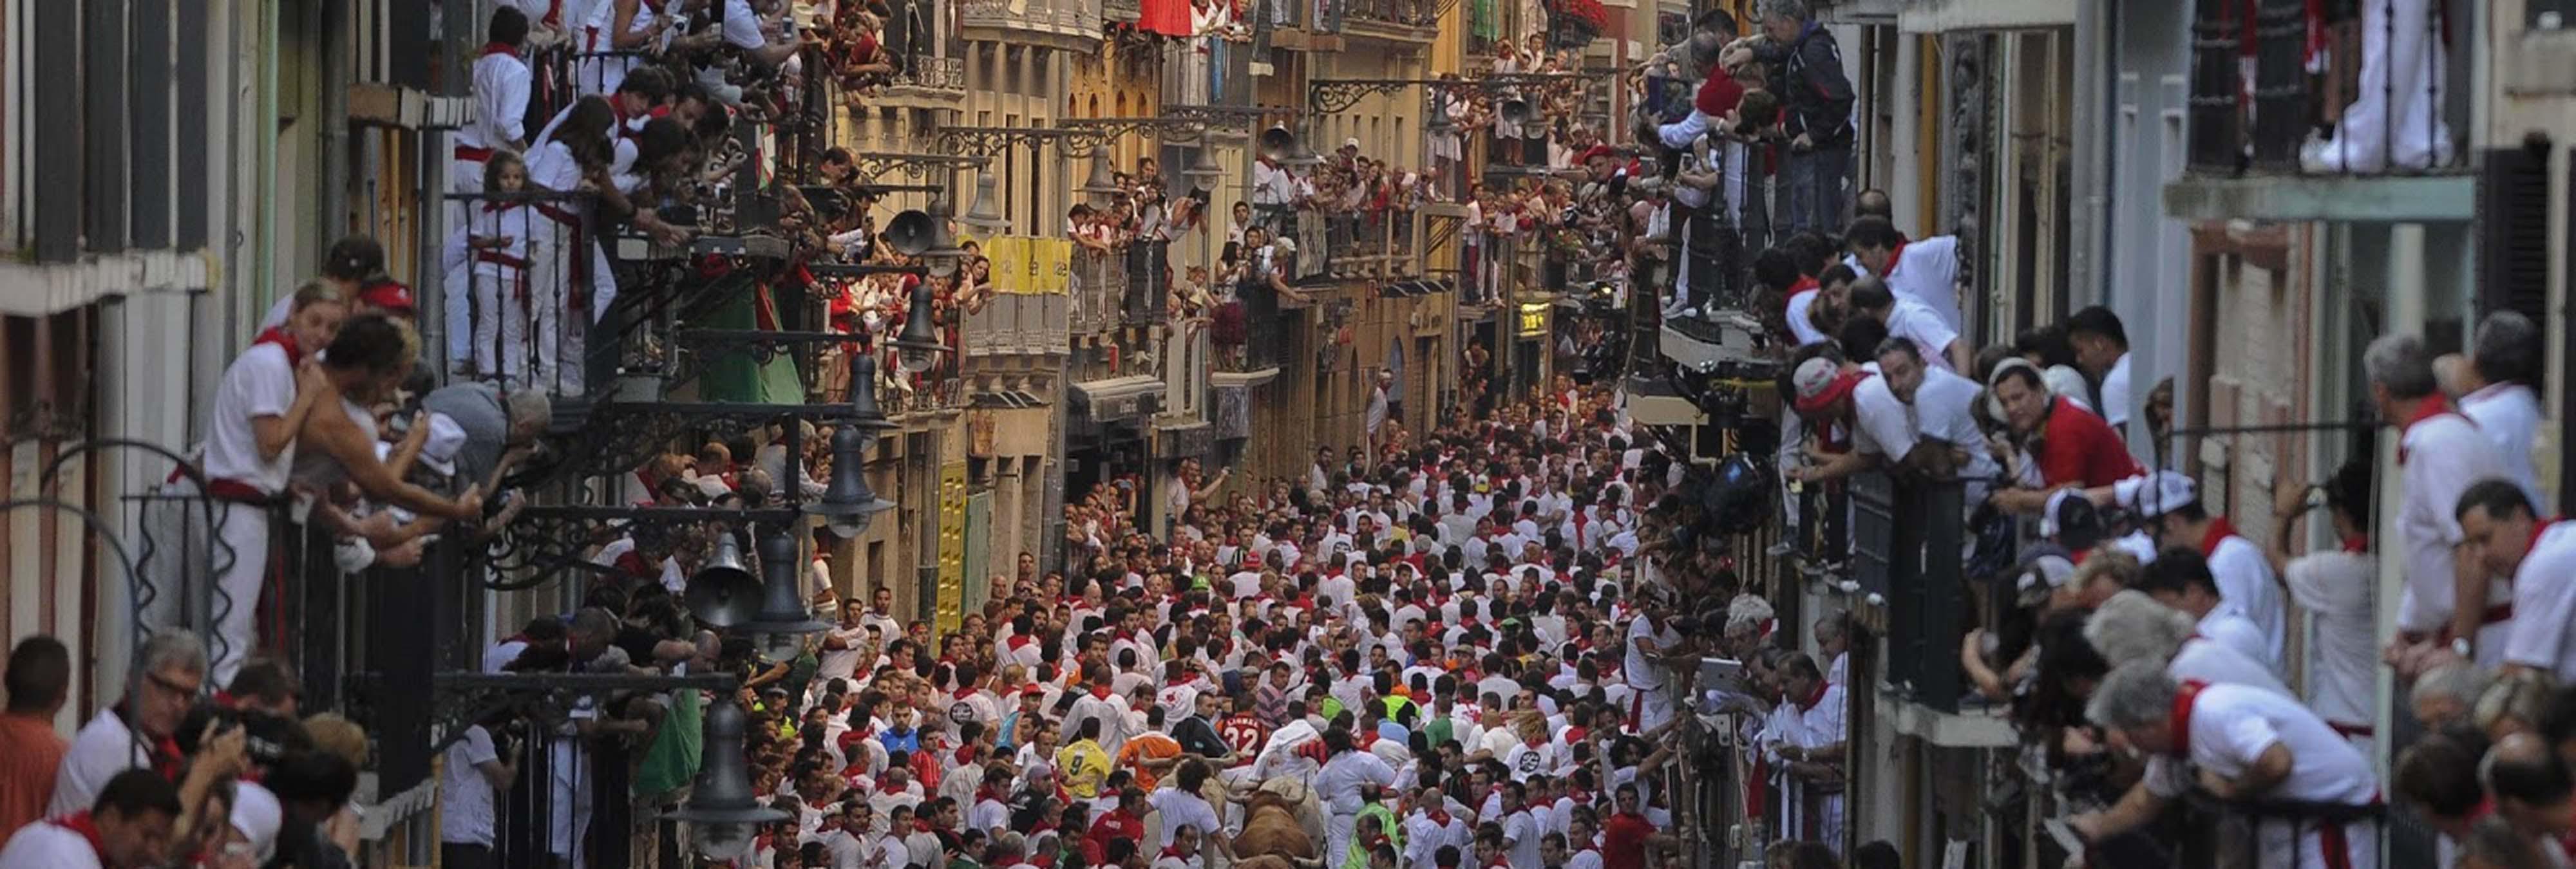 5 películas sobre San Fermín que no debes perderte si te gusta esta fiesta